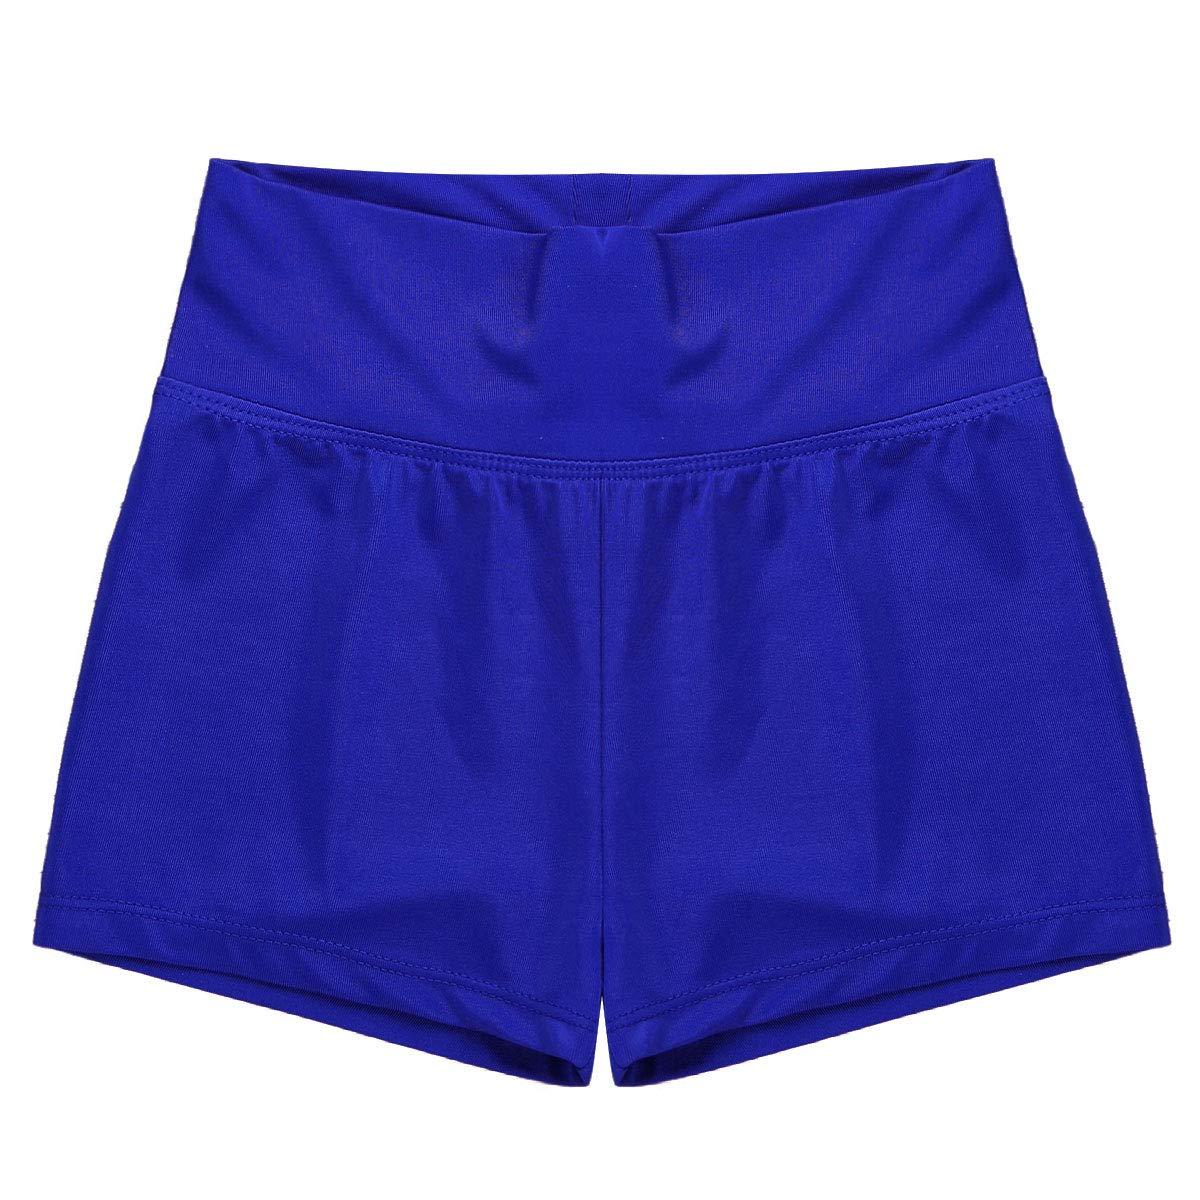 Freebily Enfant Shorts de Danse Ballet Taille Haute Shorts de Gymnastique Sports Yoga V/êtements de Sport Gym Filles Short de Bain 6-12 Ans